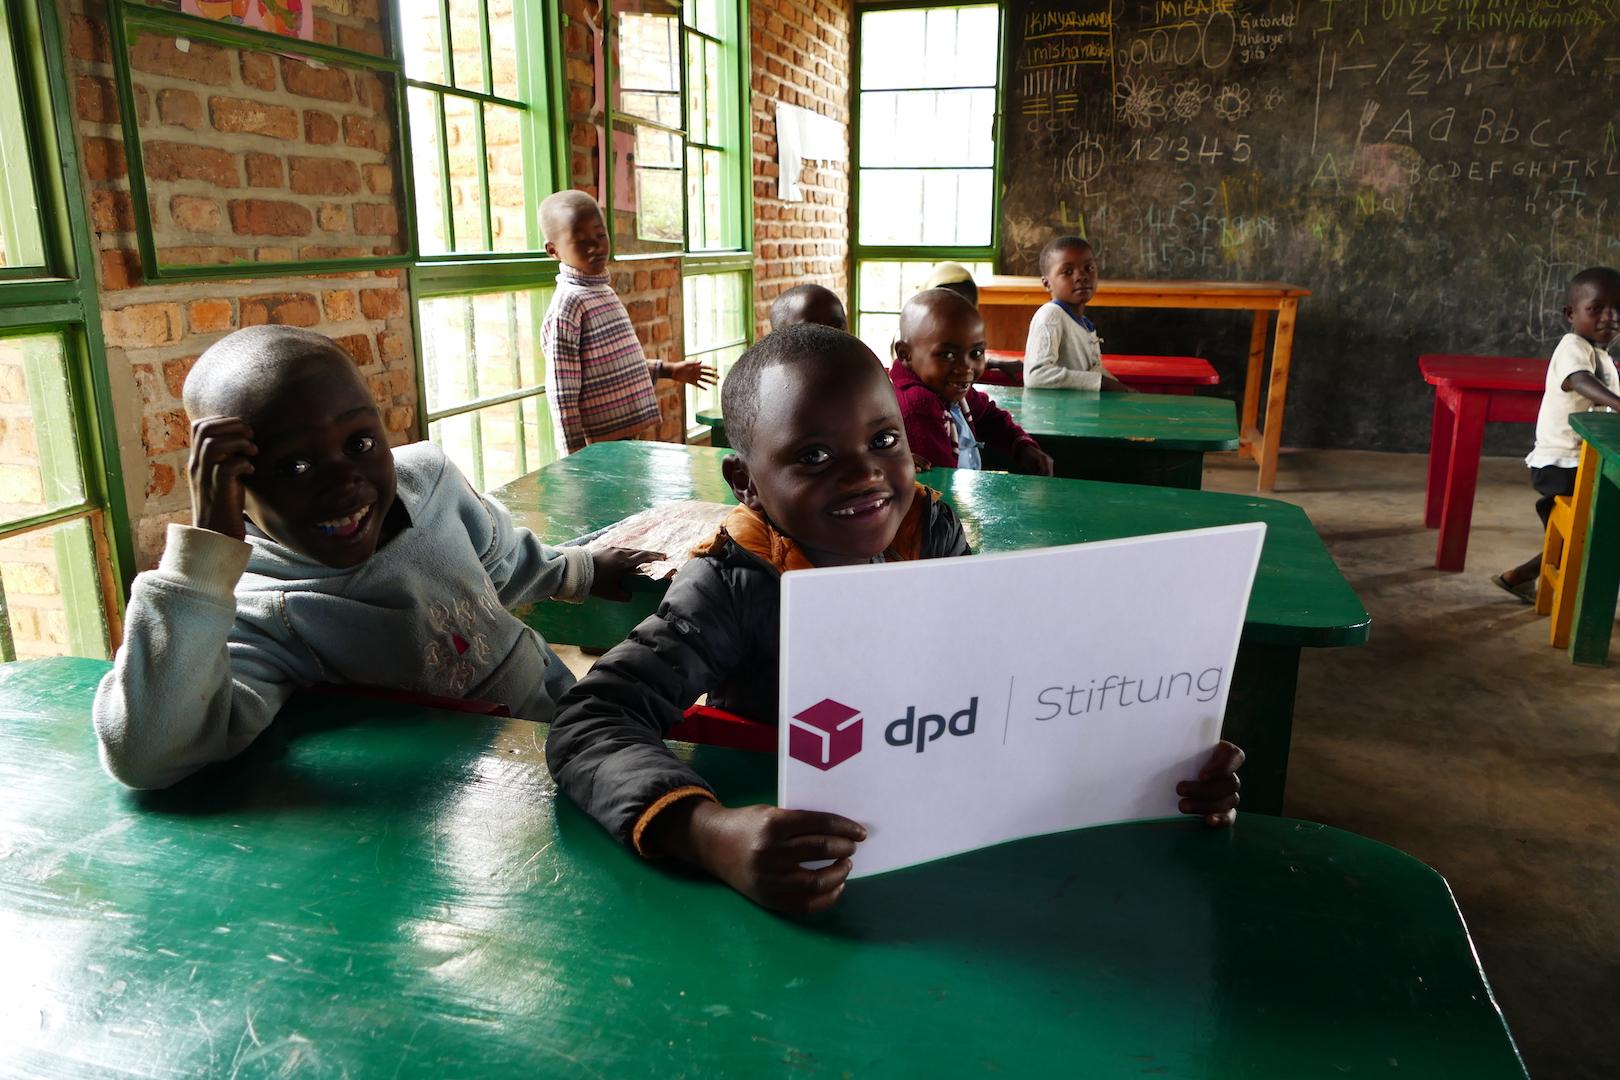 DPD-Stiftung_ECCD-Center_Stiftung-Hilfe-mit-Plan_Kathrin-Hartkopf (1)